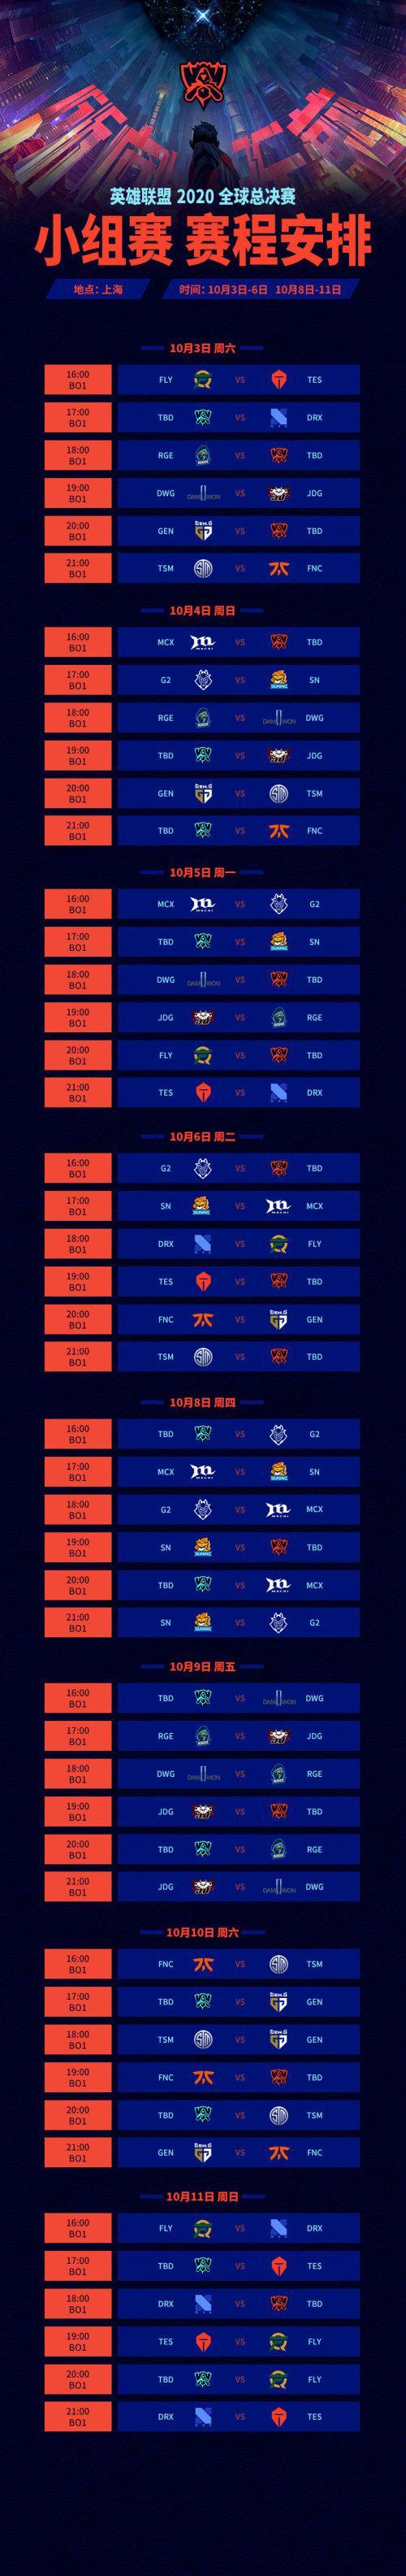 【天龙扑克】S10赛程公布:入围赛首日LGD登场 TES在10.3日迎来首秀